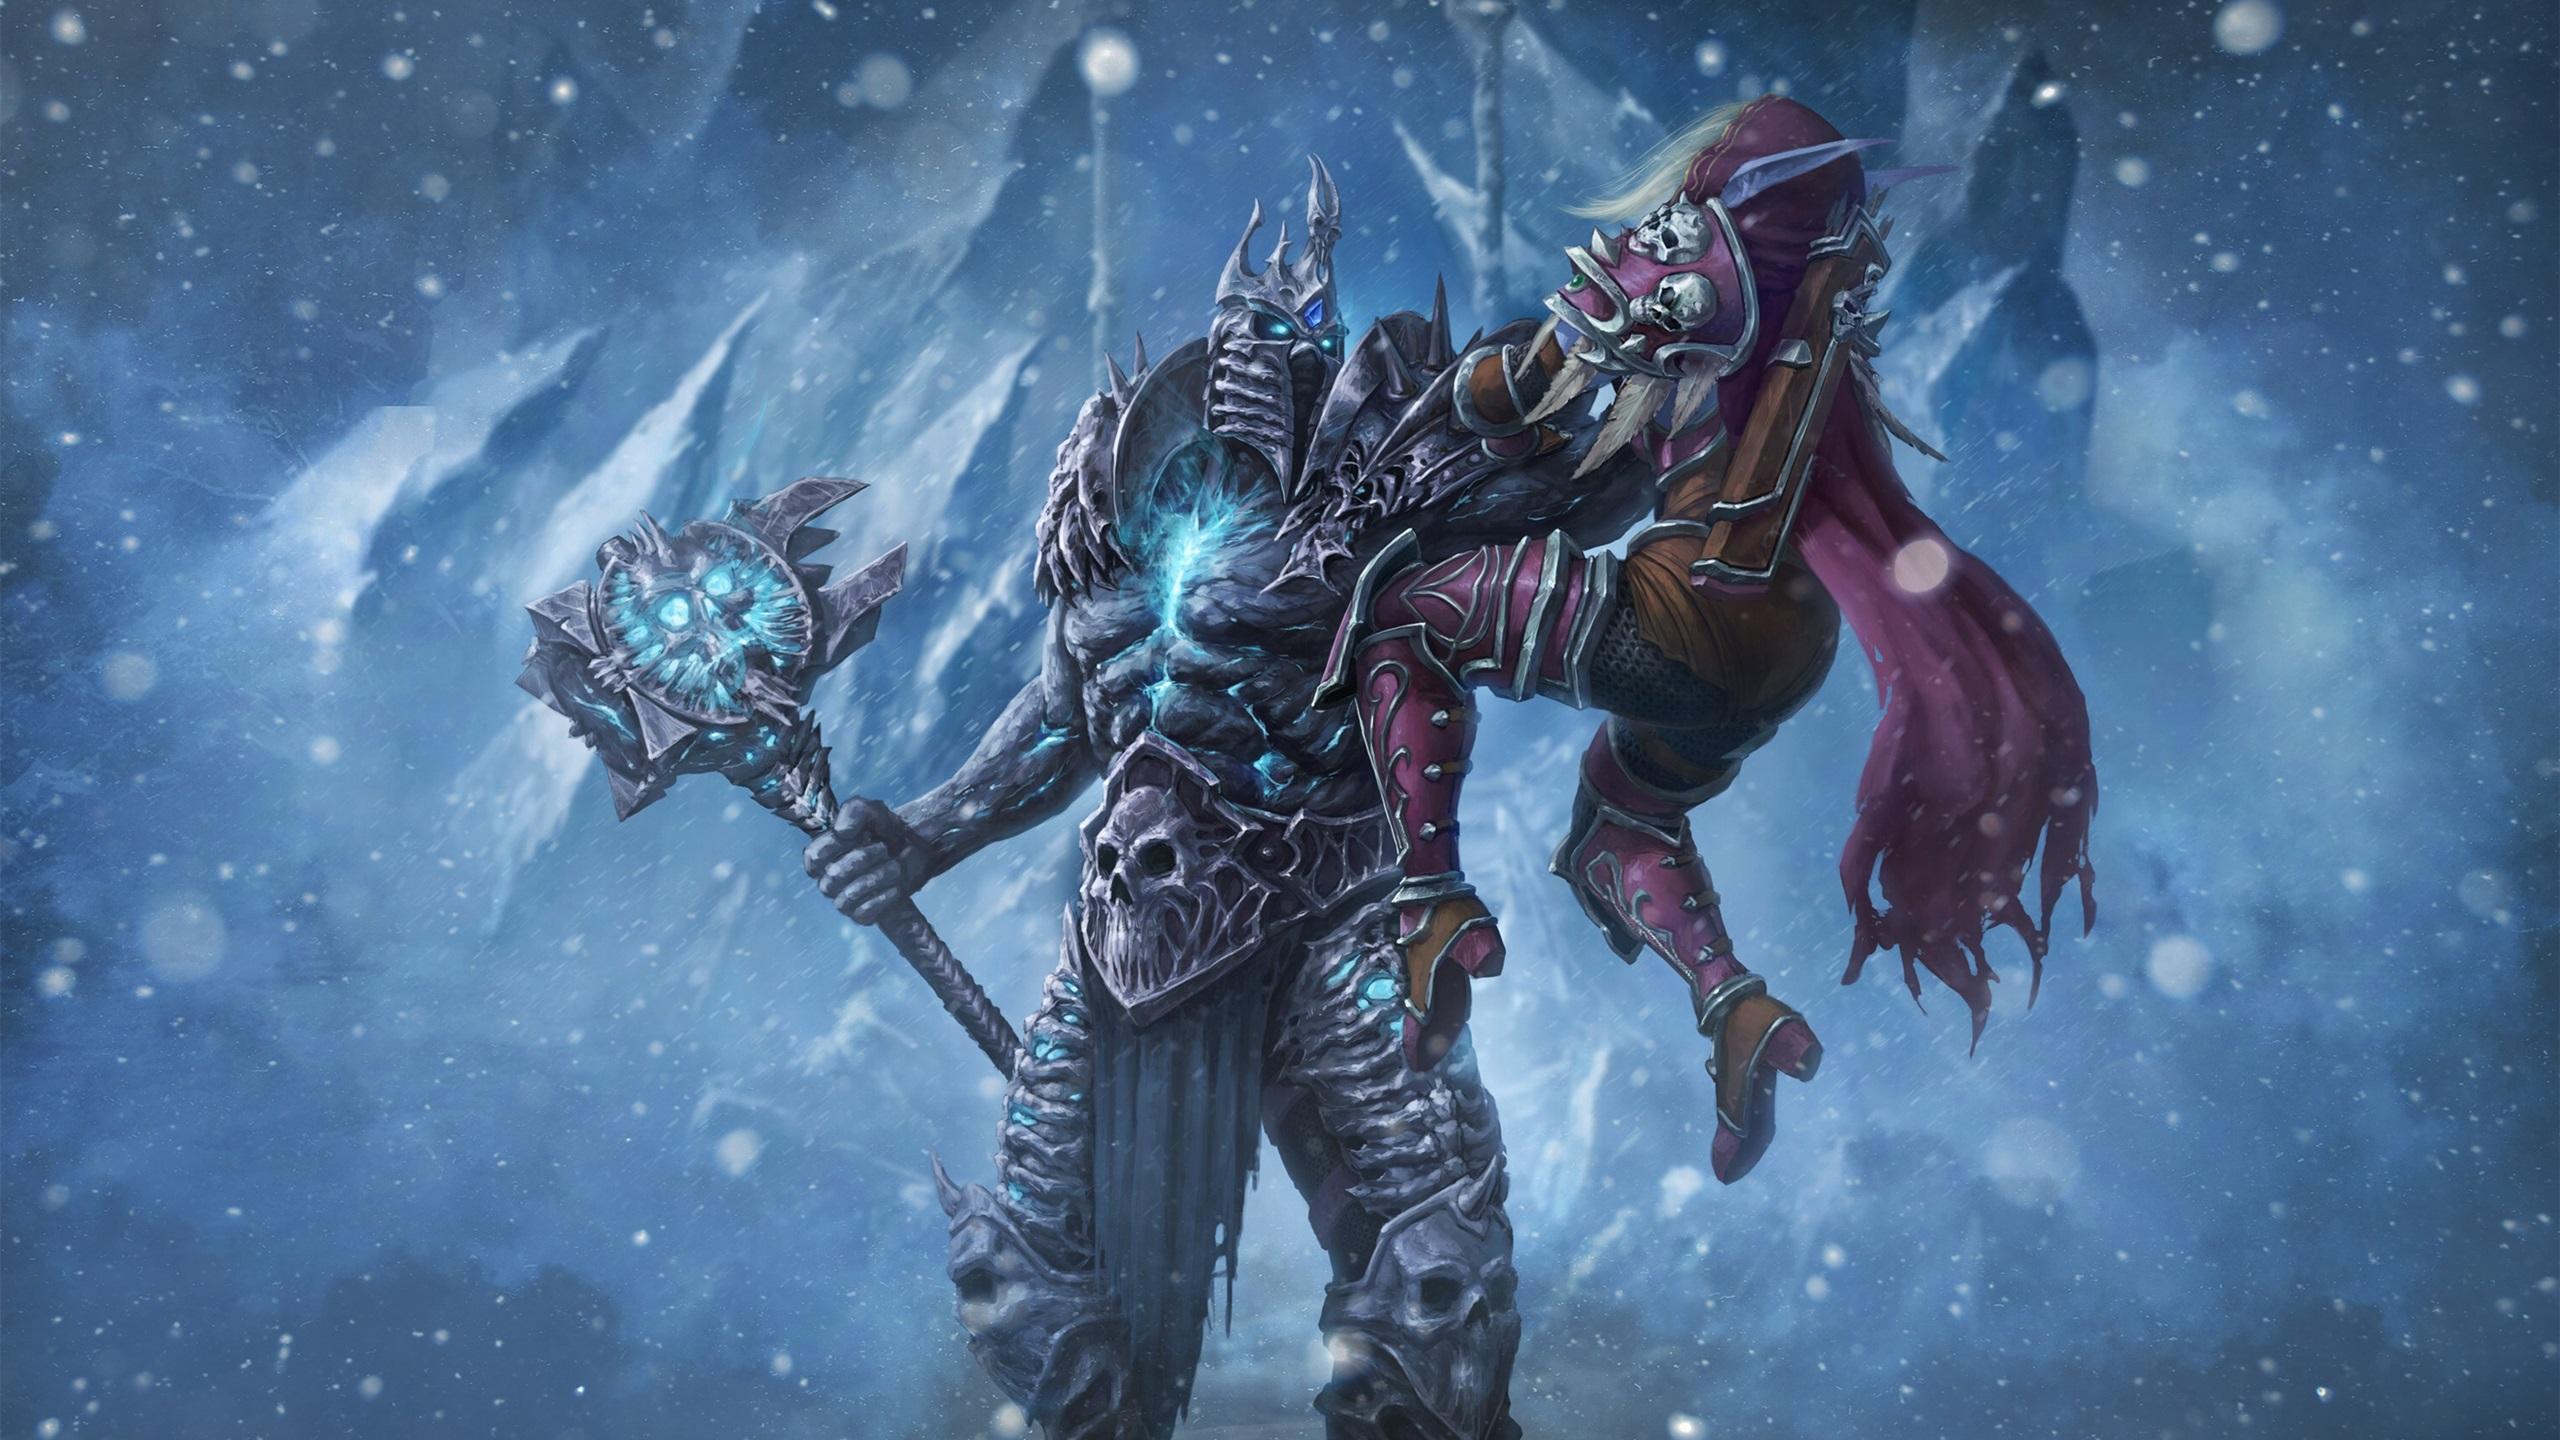 游戏壁纸,魔兽世界,冰封王座,巫妖王,希尔瓦娜斯